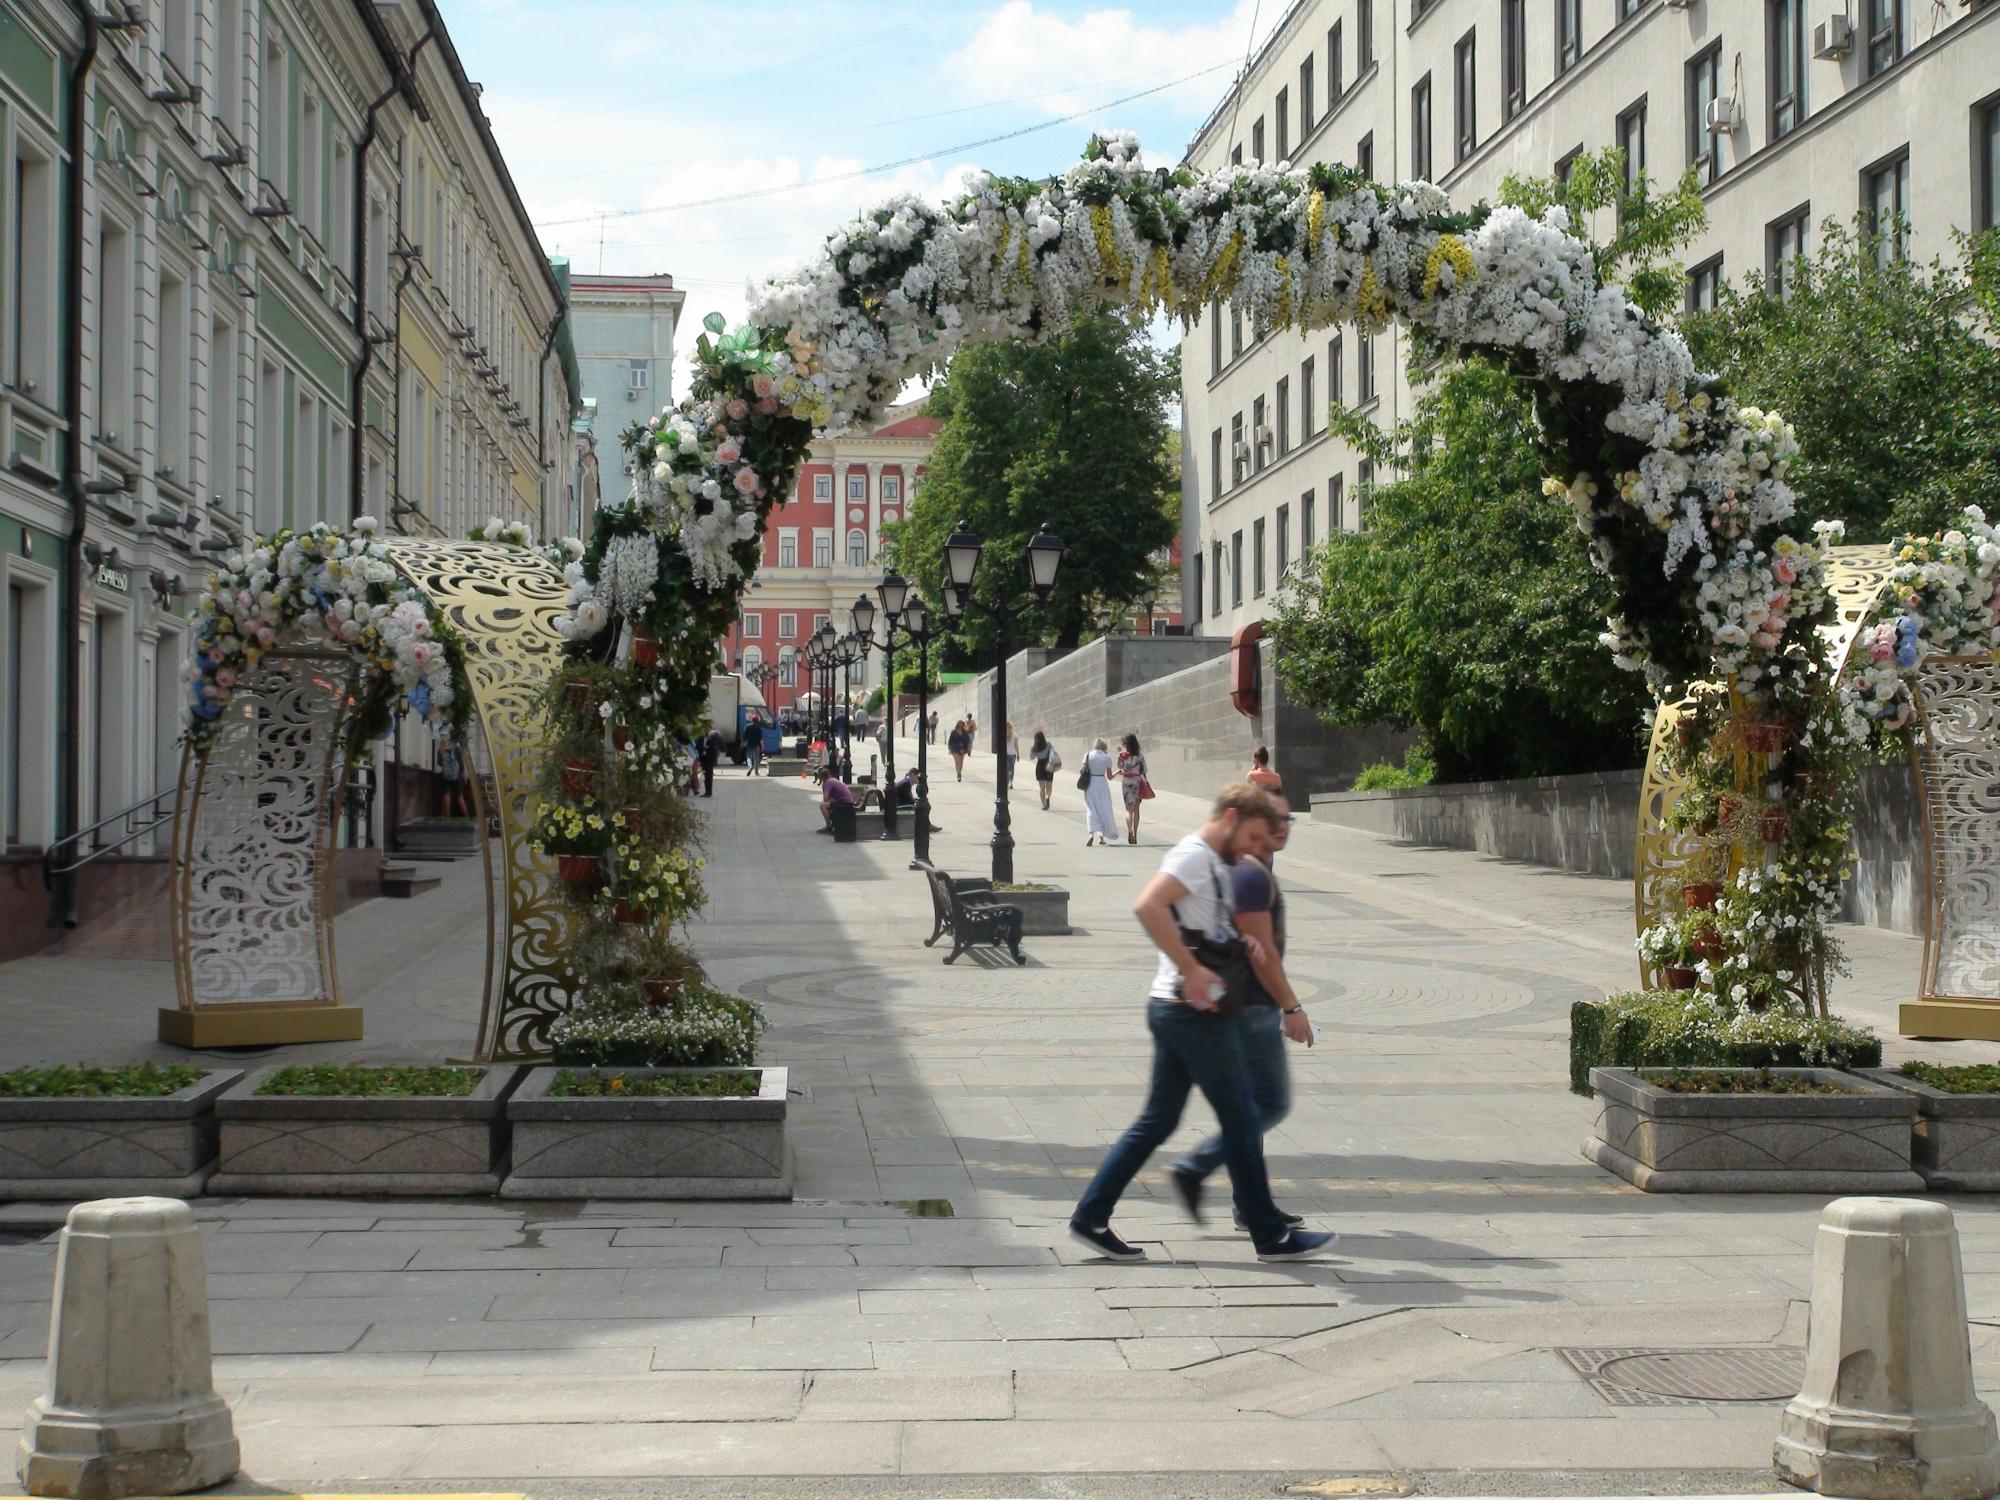 Unos paseantes transitan por el florido Paseo Tverskóy de la capital rusa. Foto: Daria Shuváeva